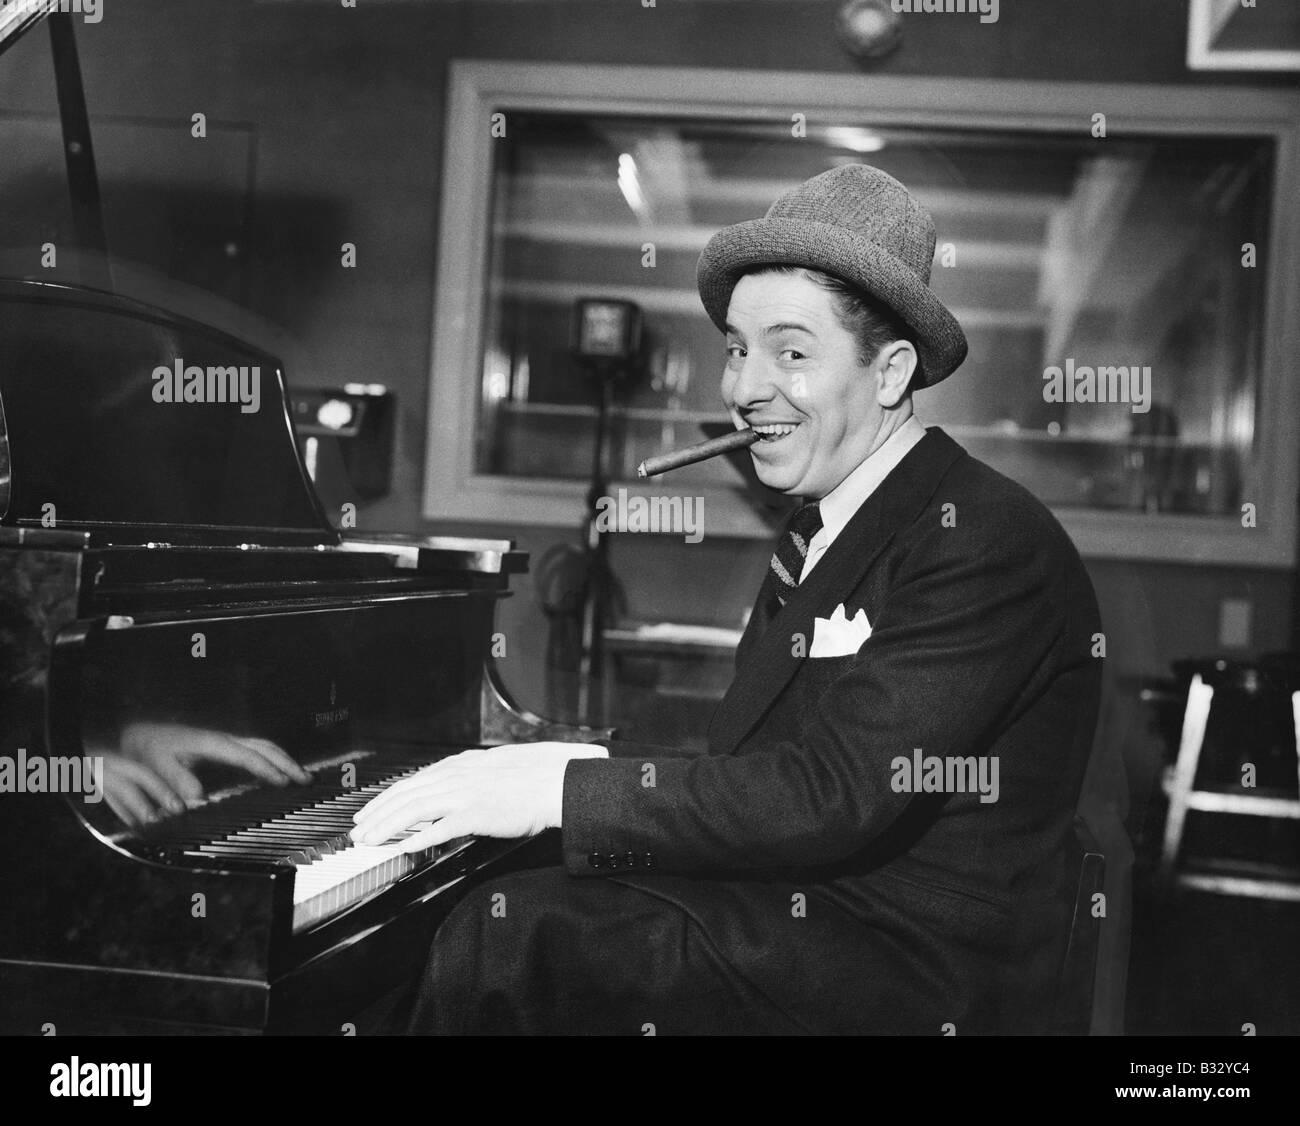 Hombre con una gran sonrisa y un cigarro en la boca tocando el piano Imagen De Stock